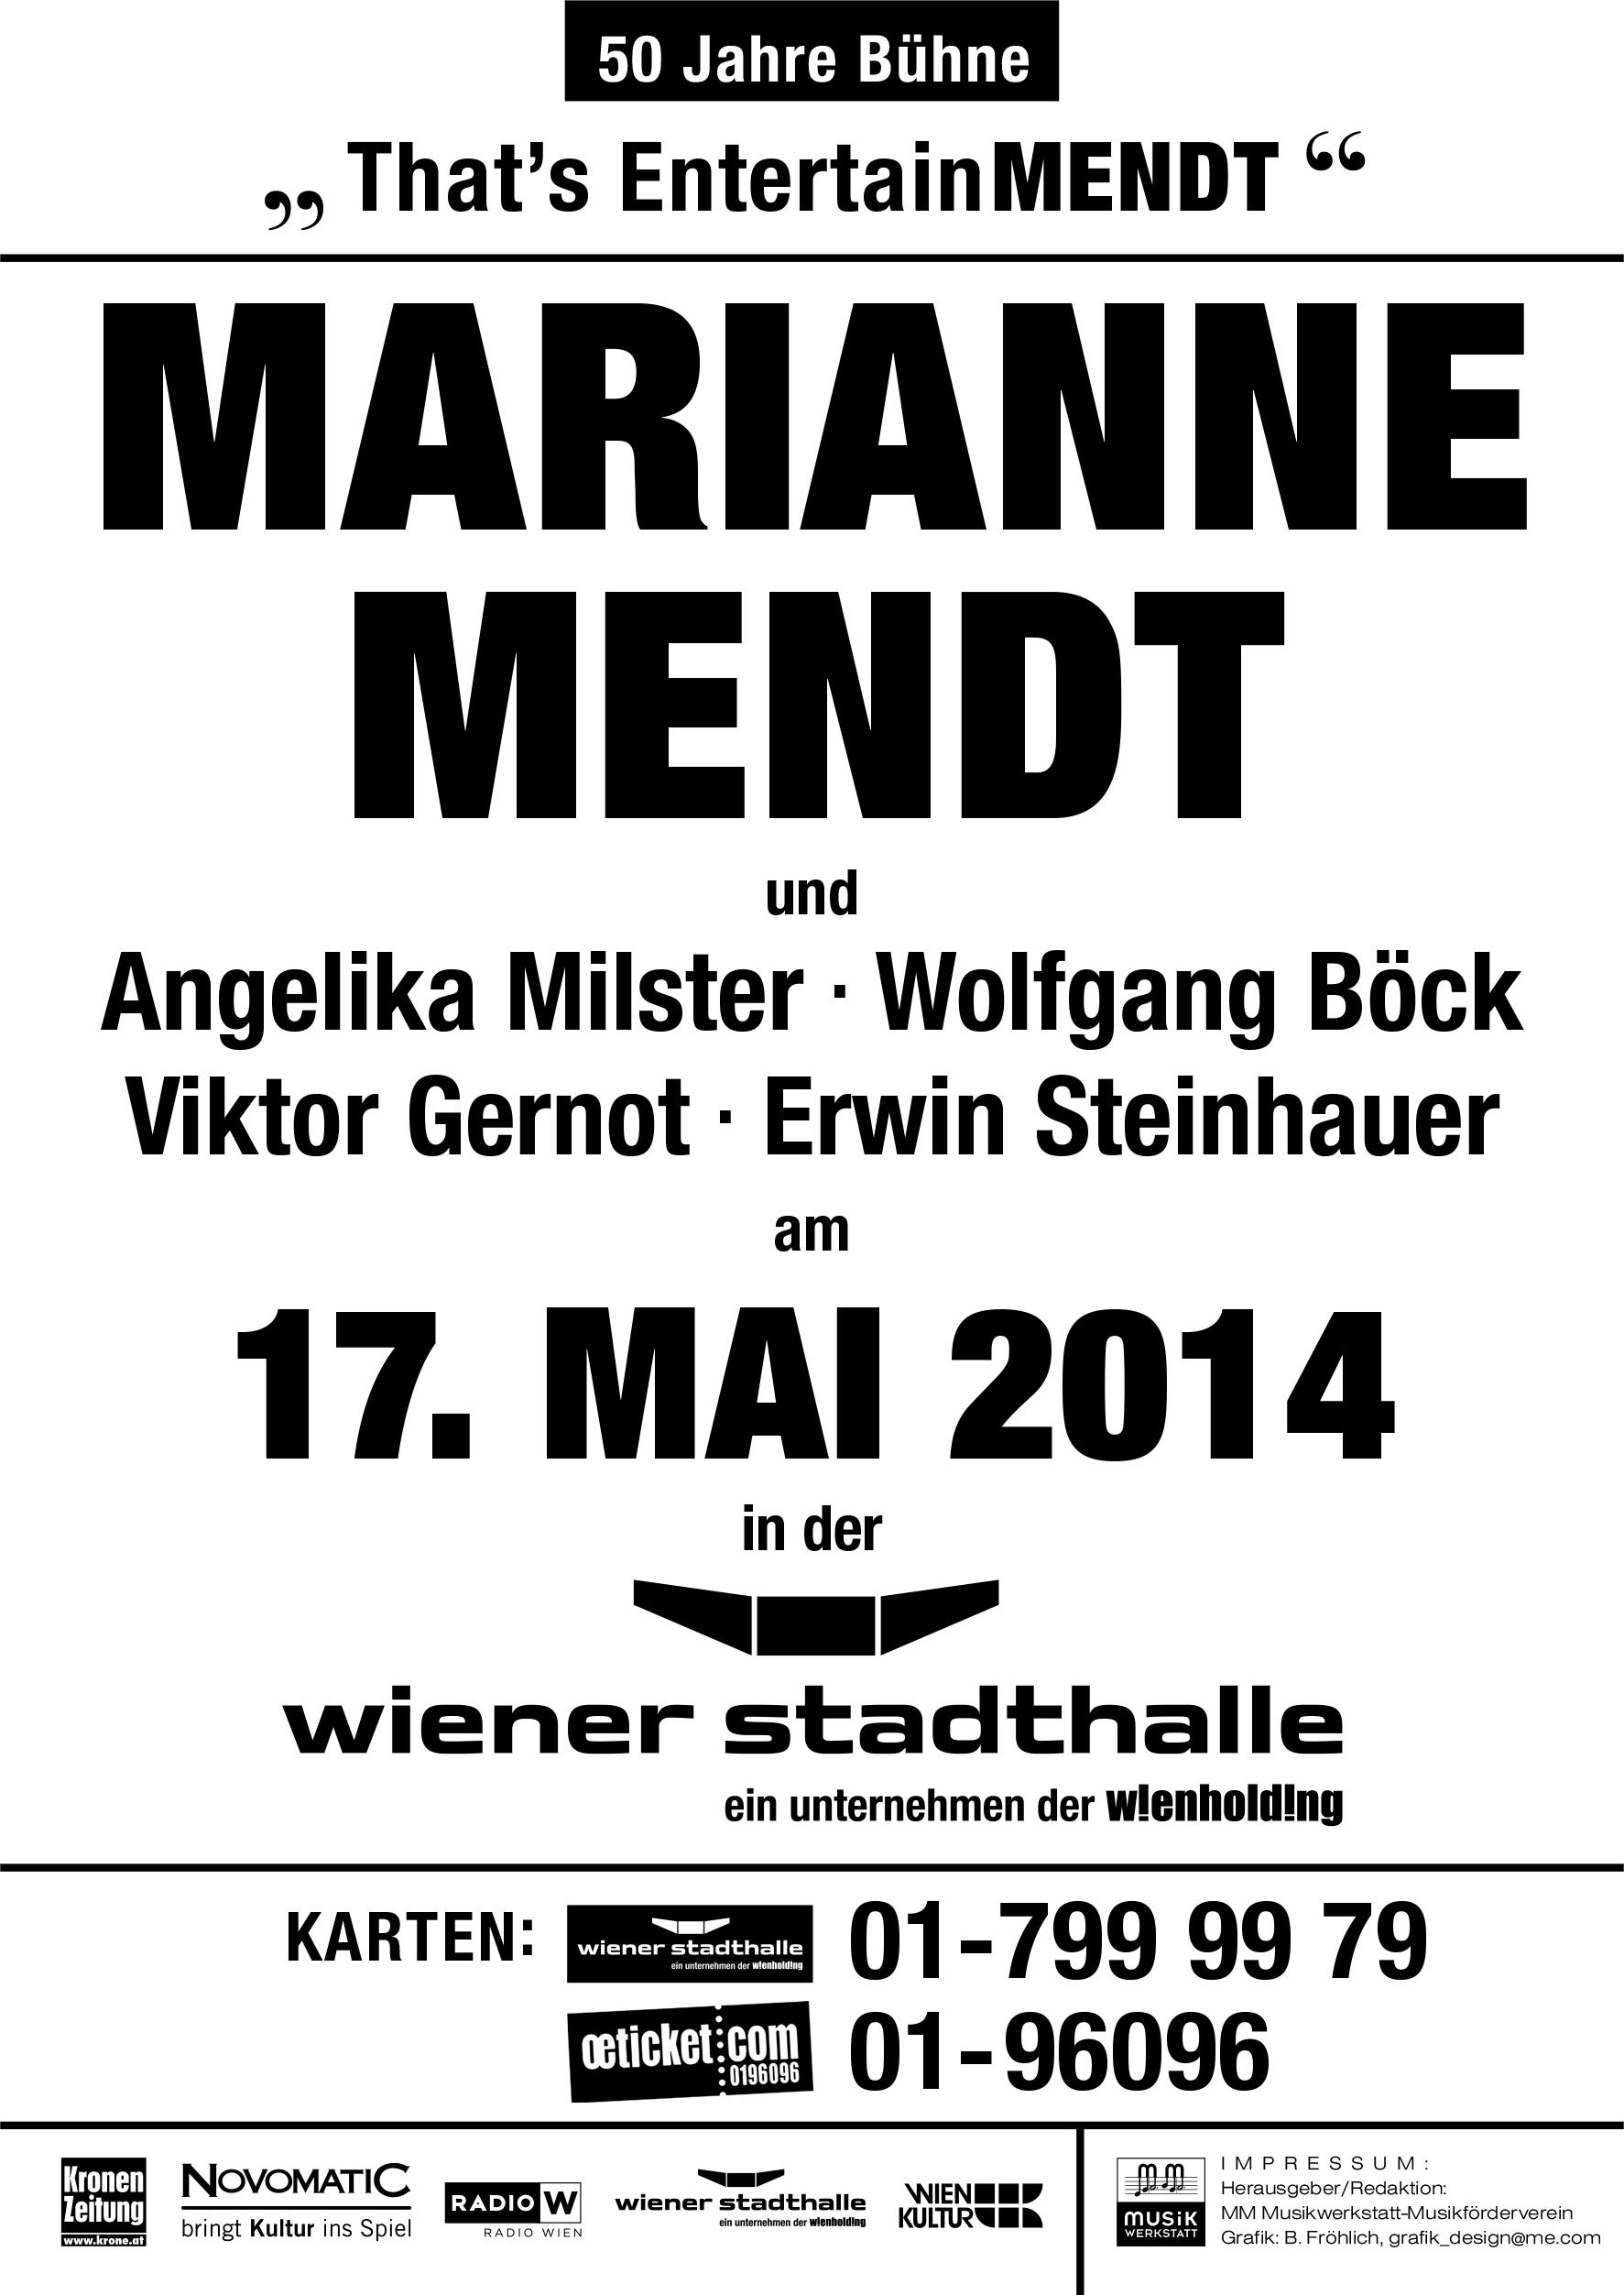 Konzert Plakat 2014 2. Fassung - Marianne Mendt